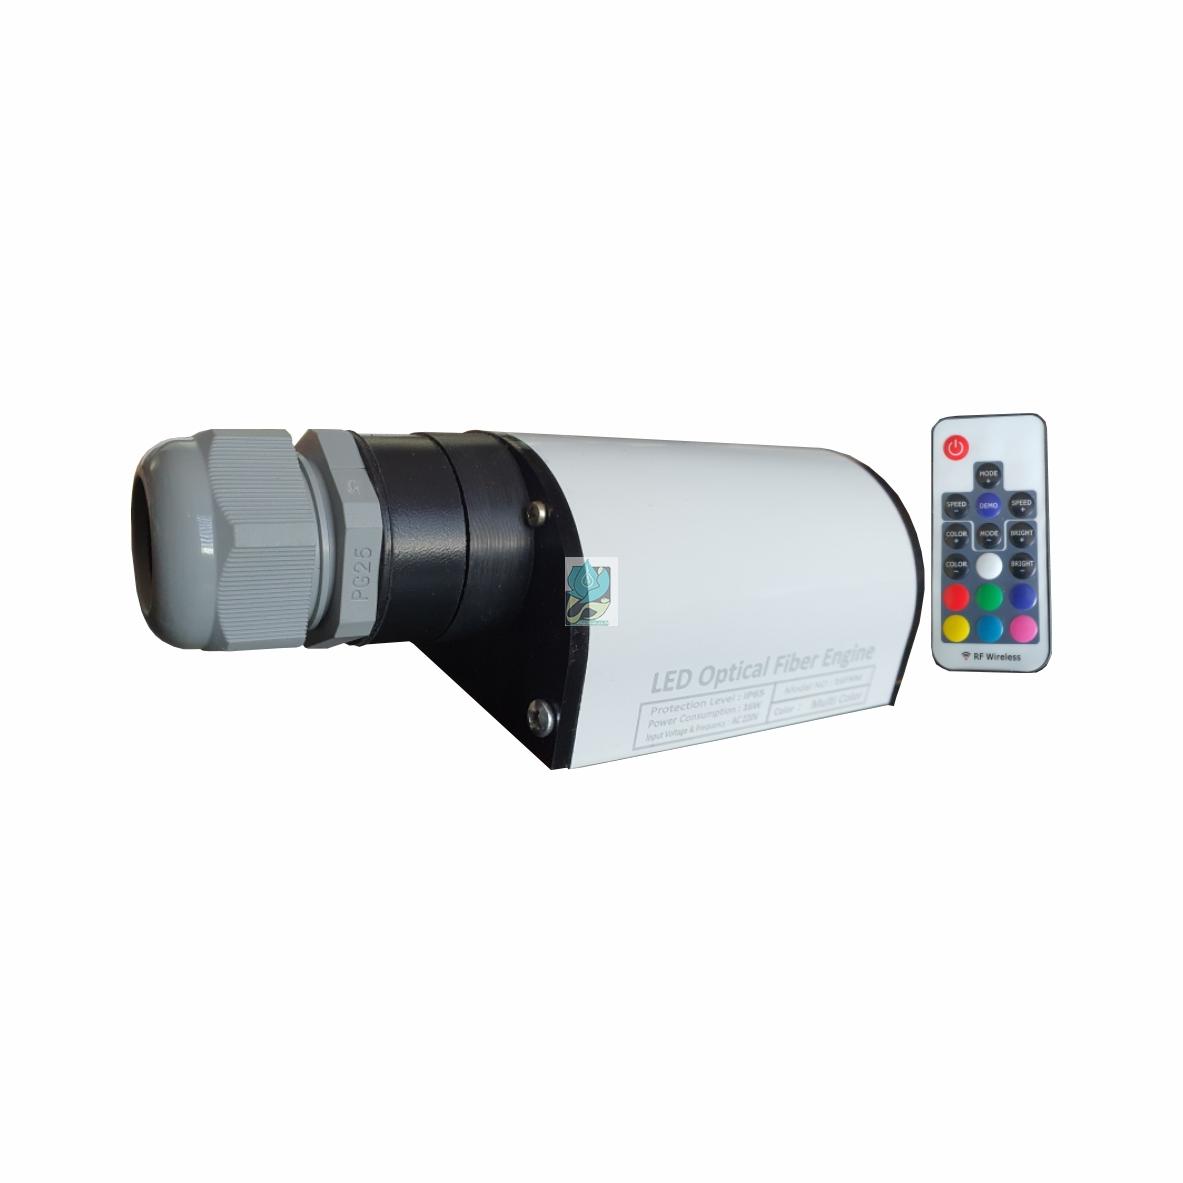 چراغ انجین فیبر نوری فول کالر 16 وات 220 ولت مدل 16FNM